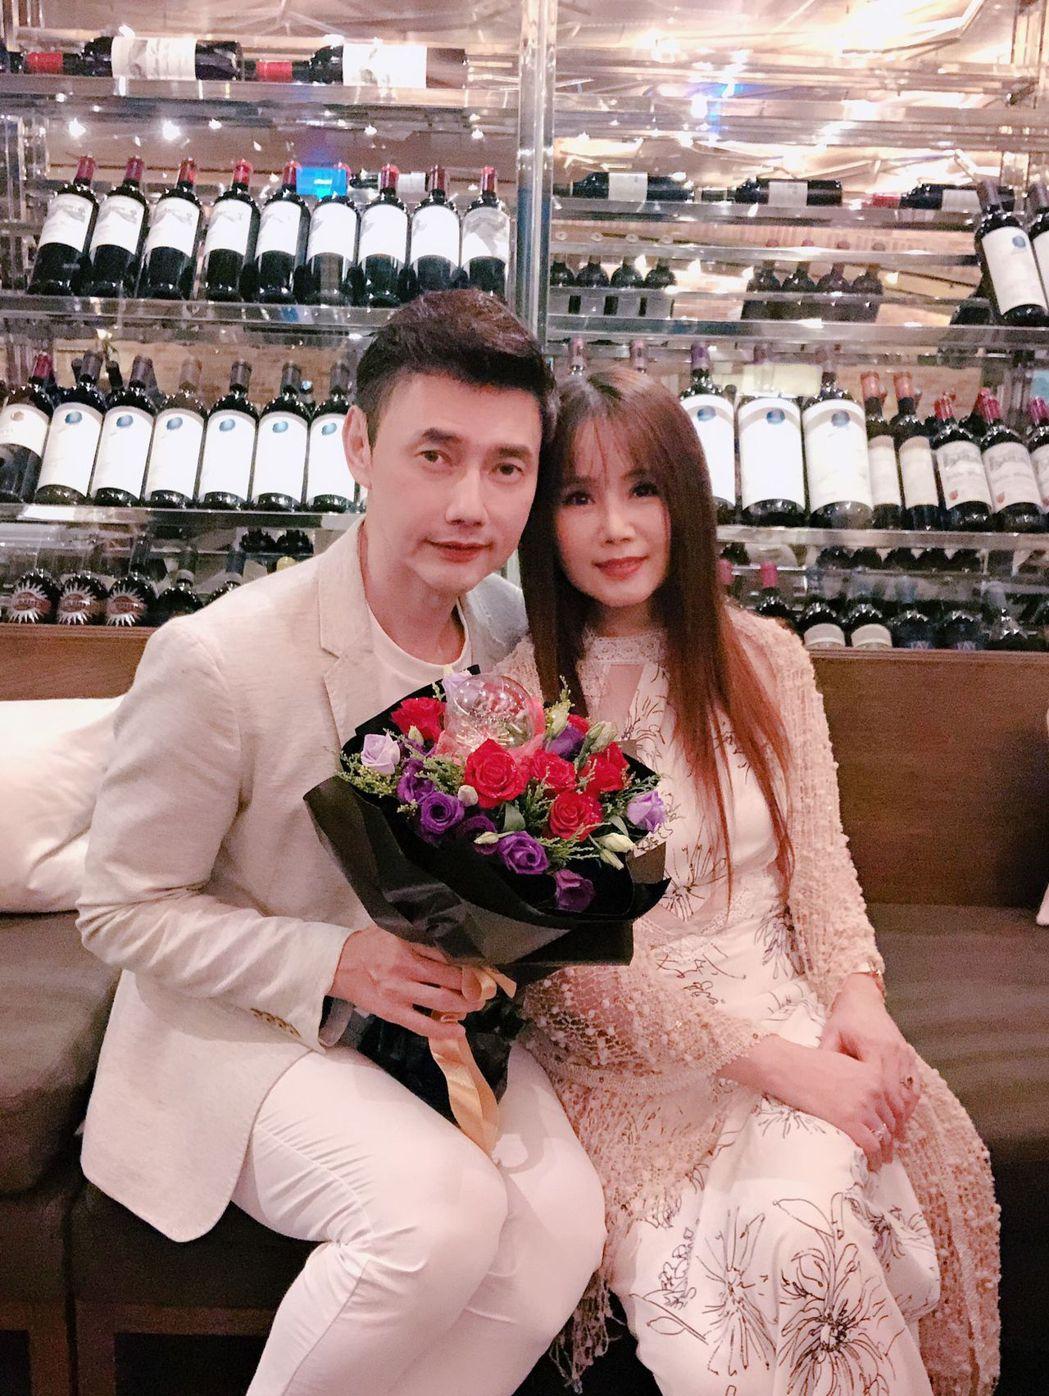 包偉銘(左)寵妻出名,為老婆劉依純打造結婚6周年驚喜宛如做壞事。圖/翰森娛樂提供